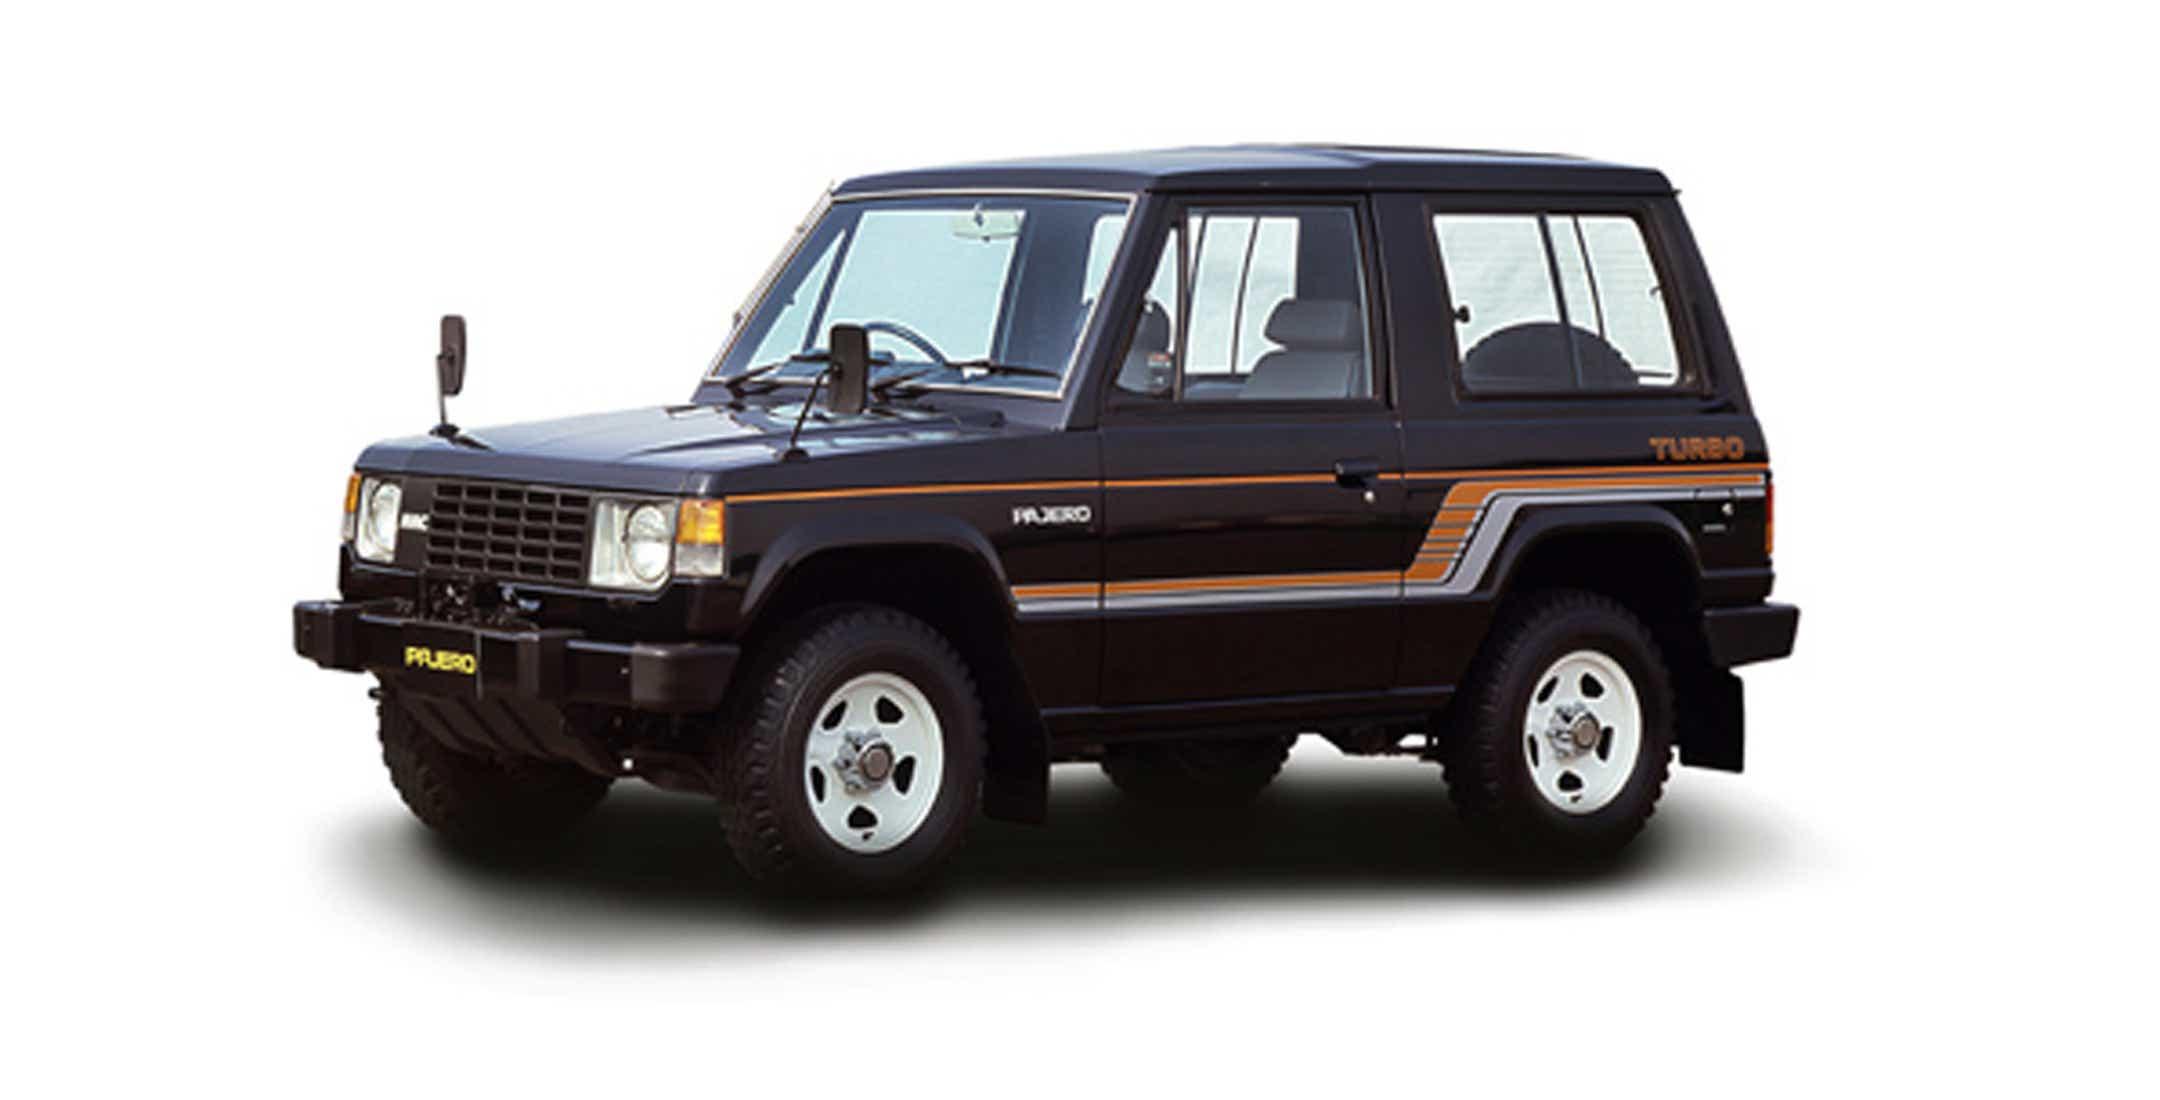 Mitsubishi Pajero Reviews